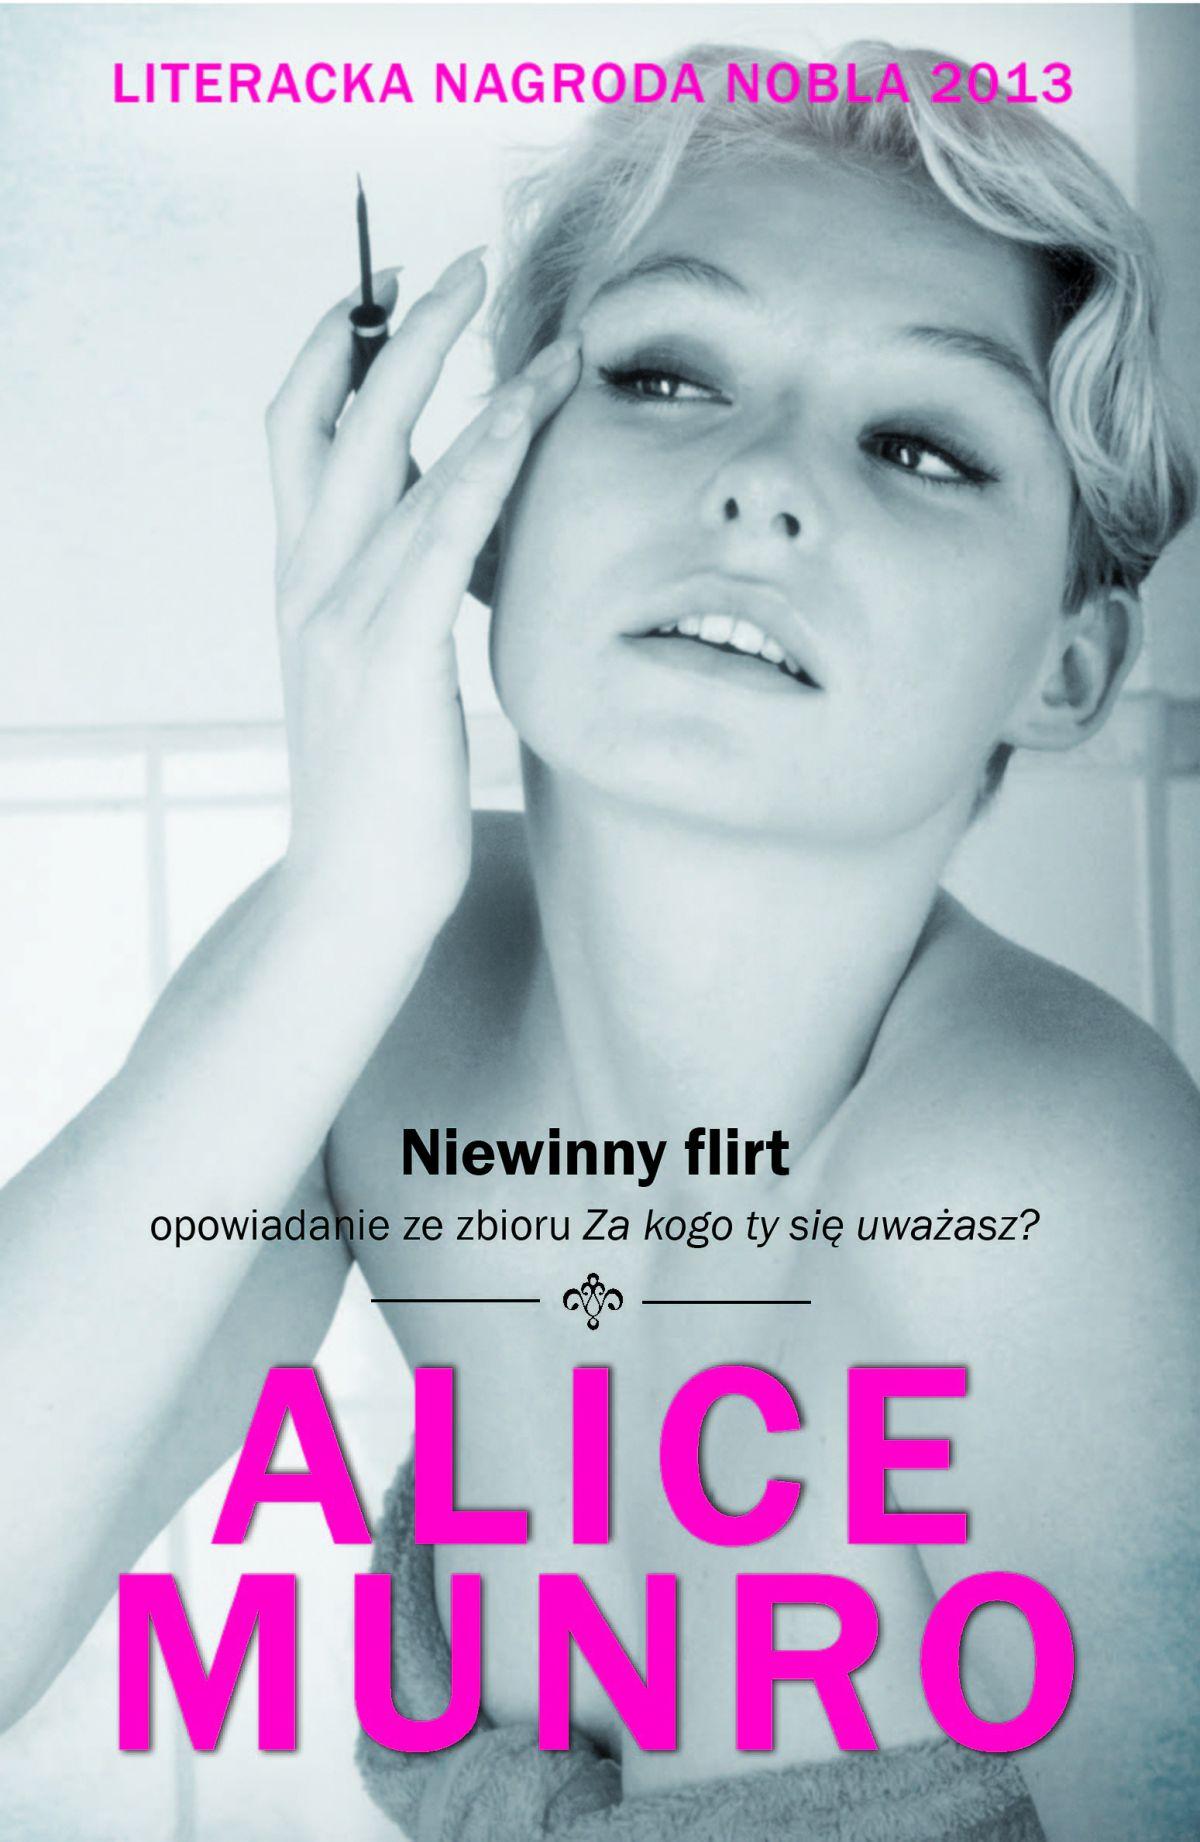 Niewinny flirt - Ebook (Książka na Kindle) do pobrania w formacie MOBI